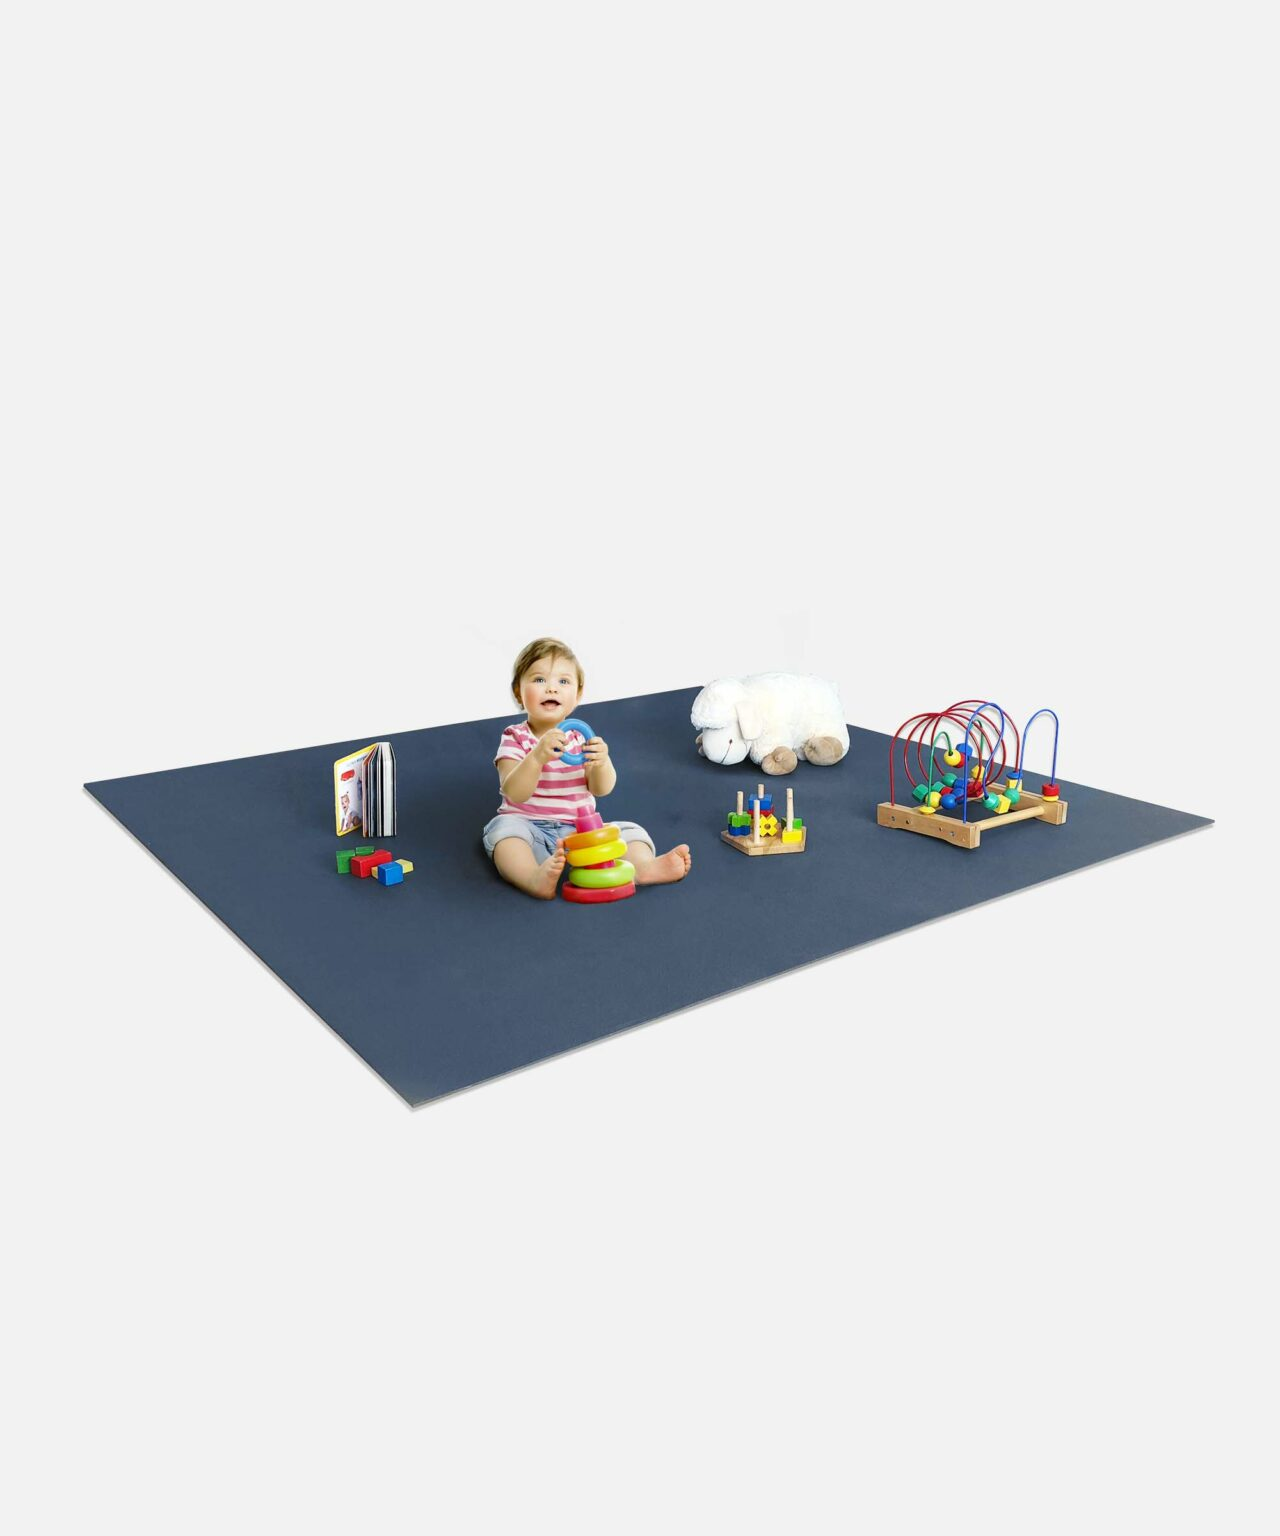 Spielmatte Krabbelmatte mit Farbauswahl